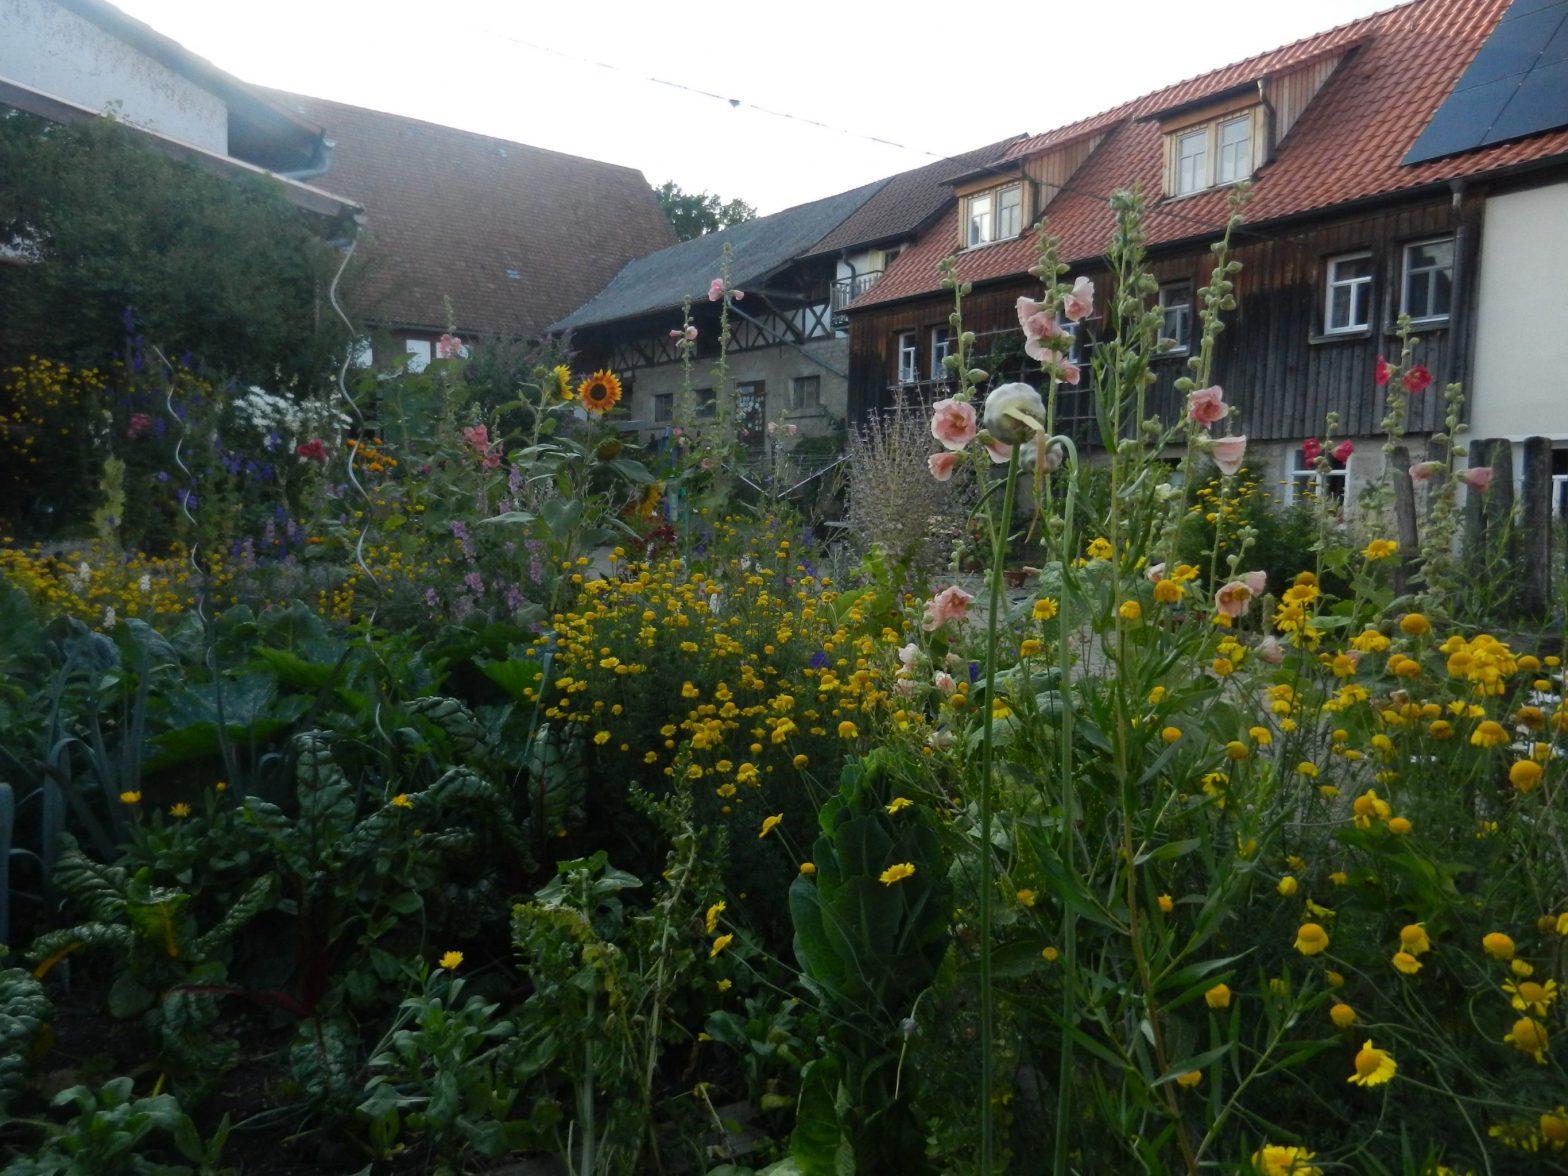 Üppige Blütenpracht des Bauerngartens mit Haus im Hintergrund